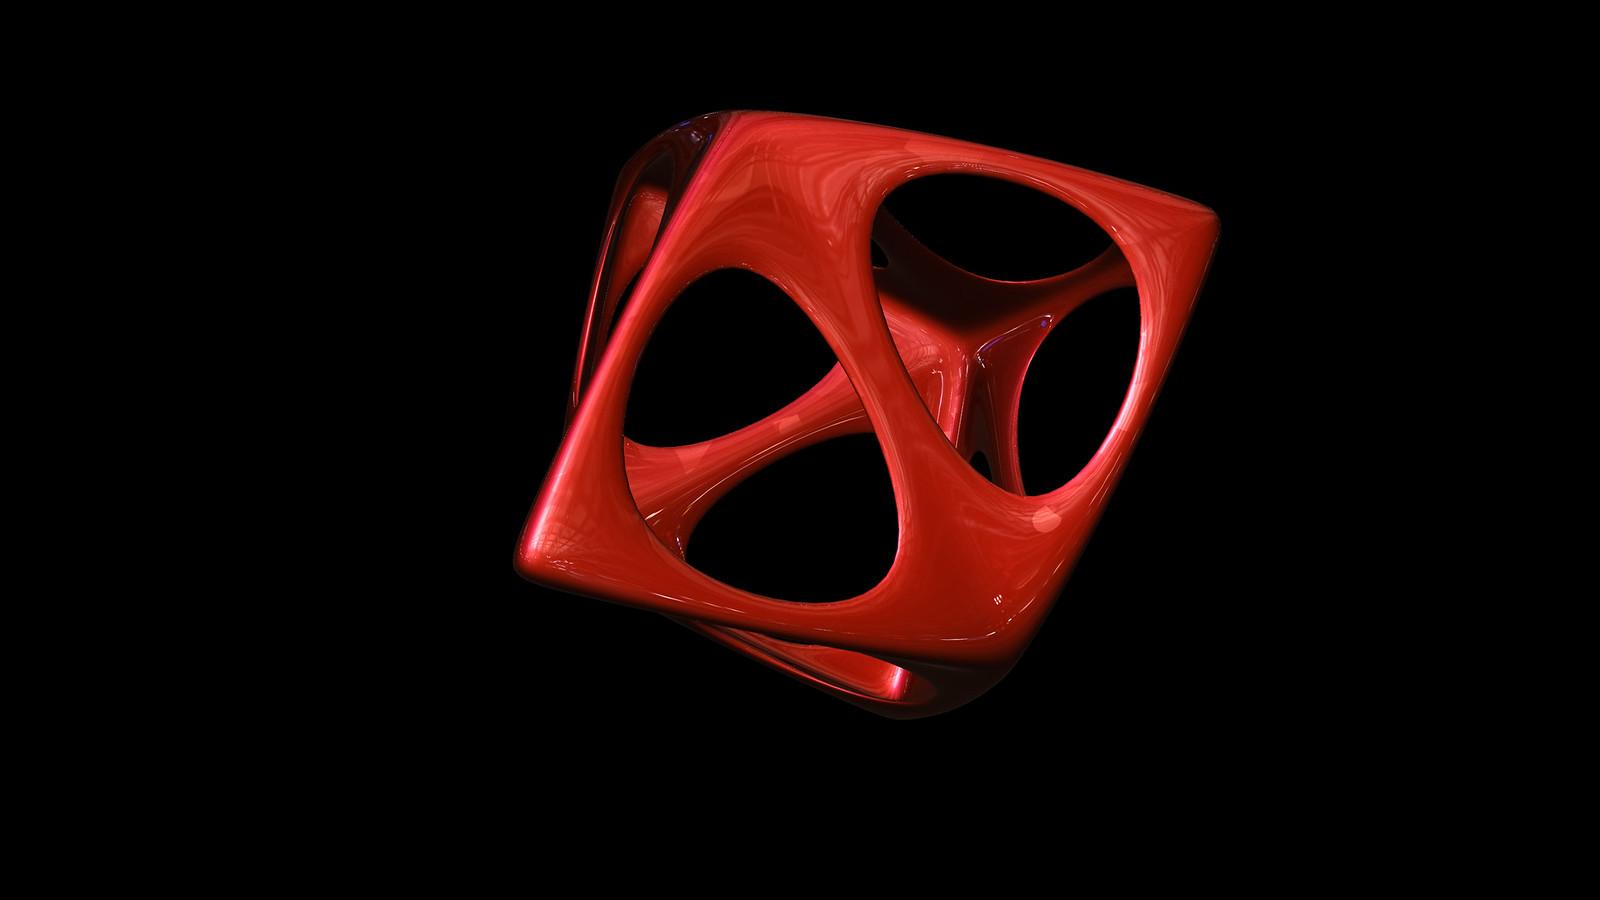 tetrahedron spiky soft